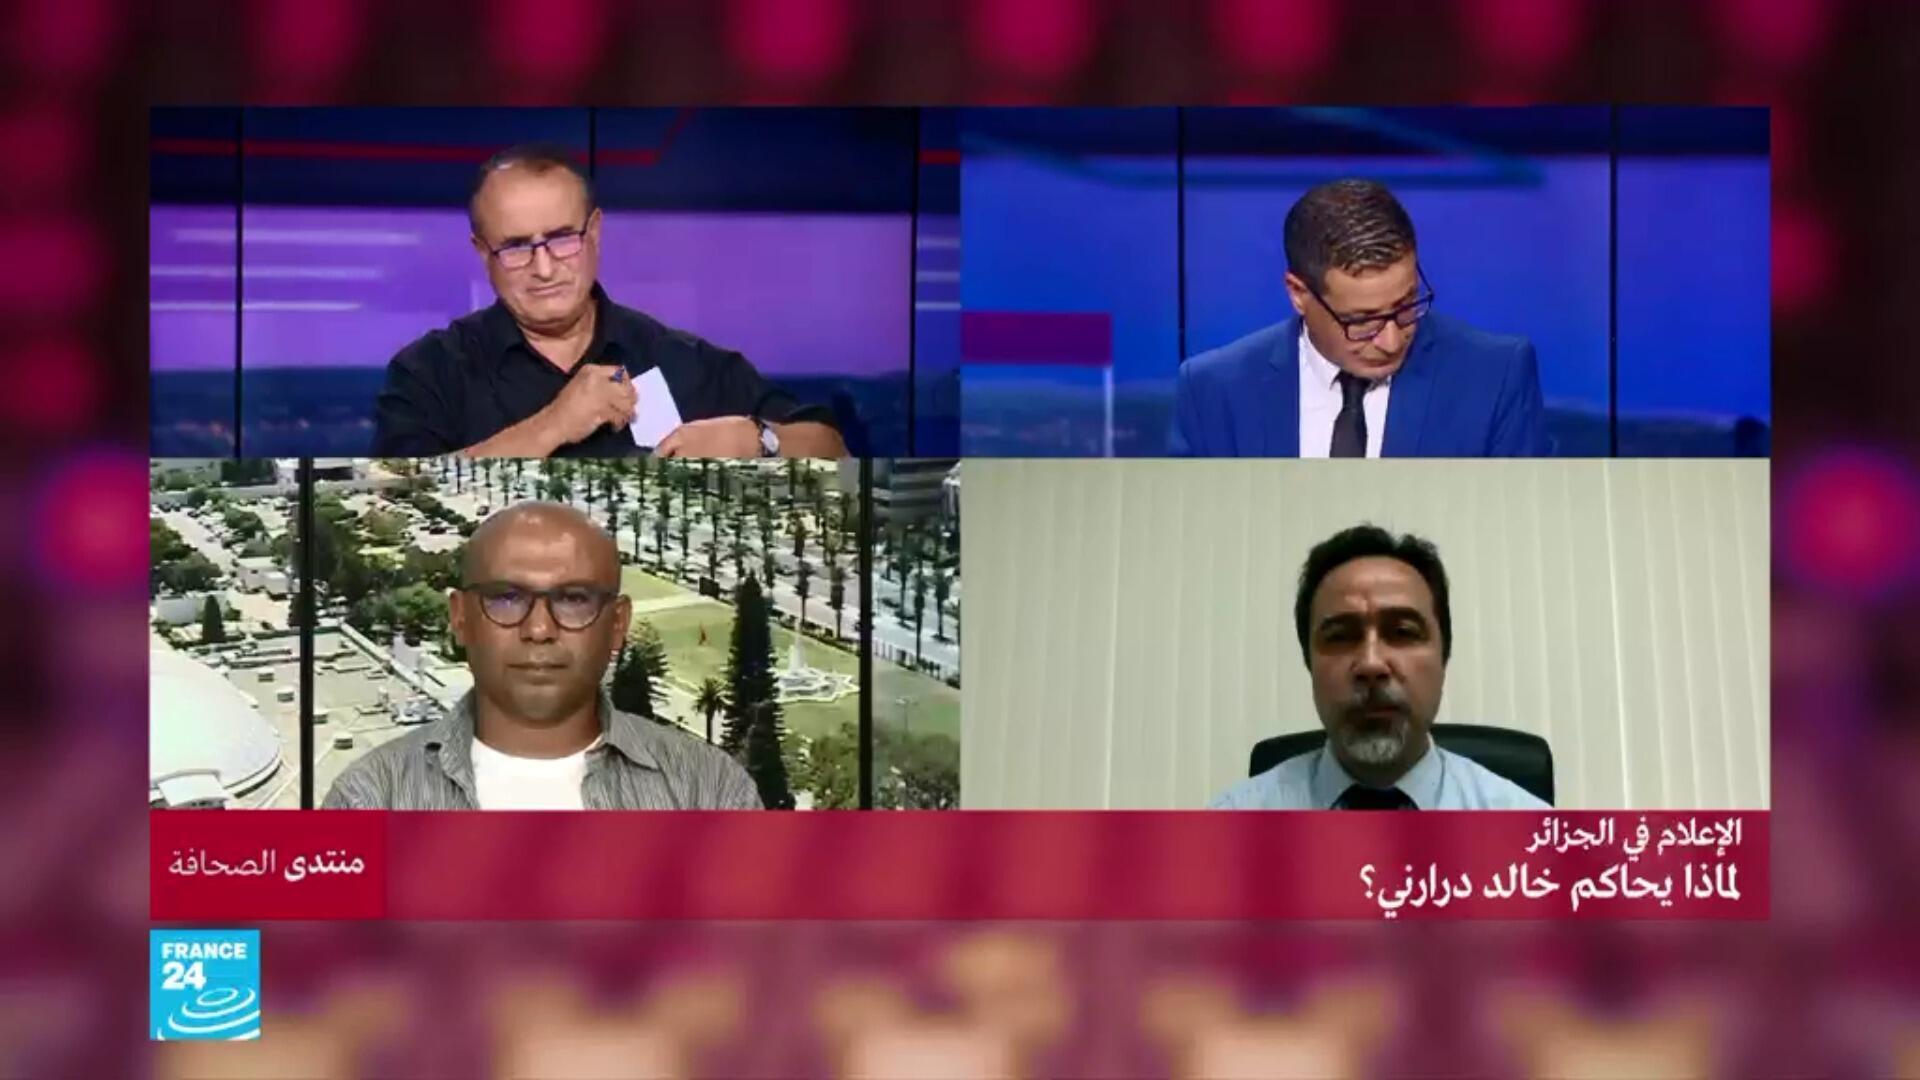 صورة ملتقطة من شاشة فرانس24 لضيوف برنامج منتدى الصحافة الذي يقدمه عبد الله العالي